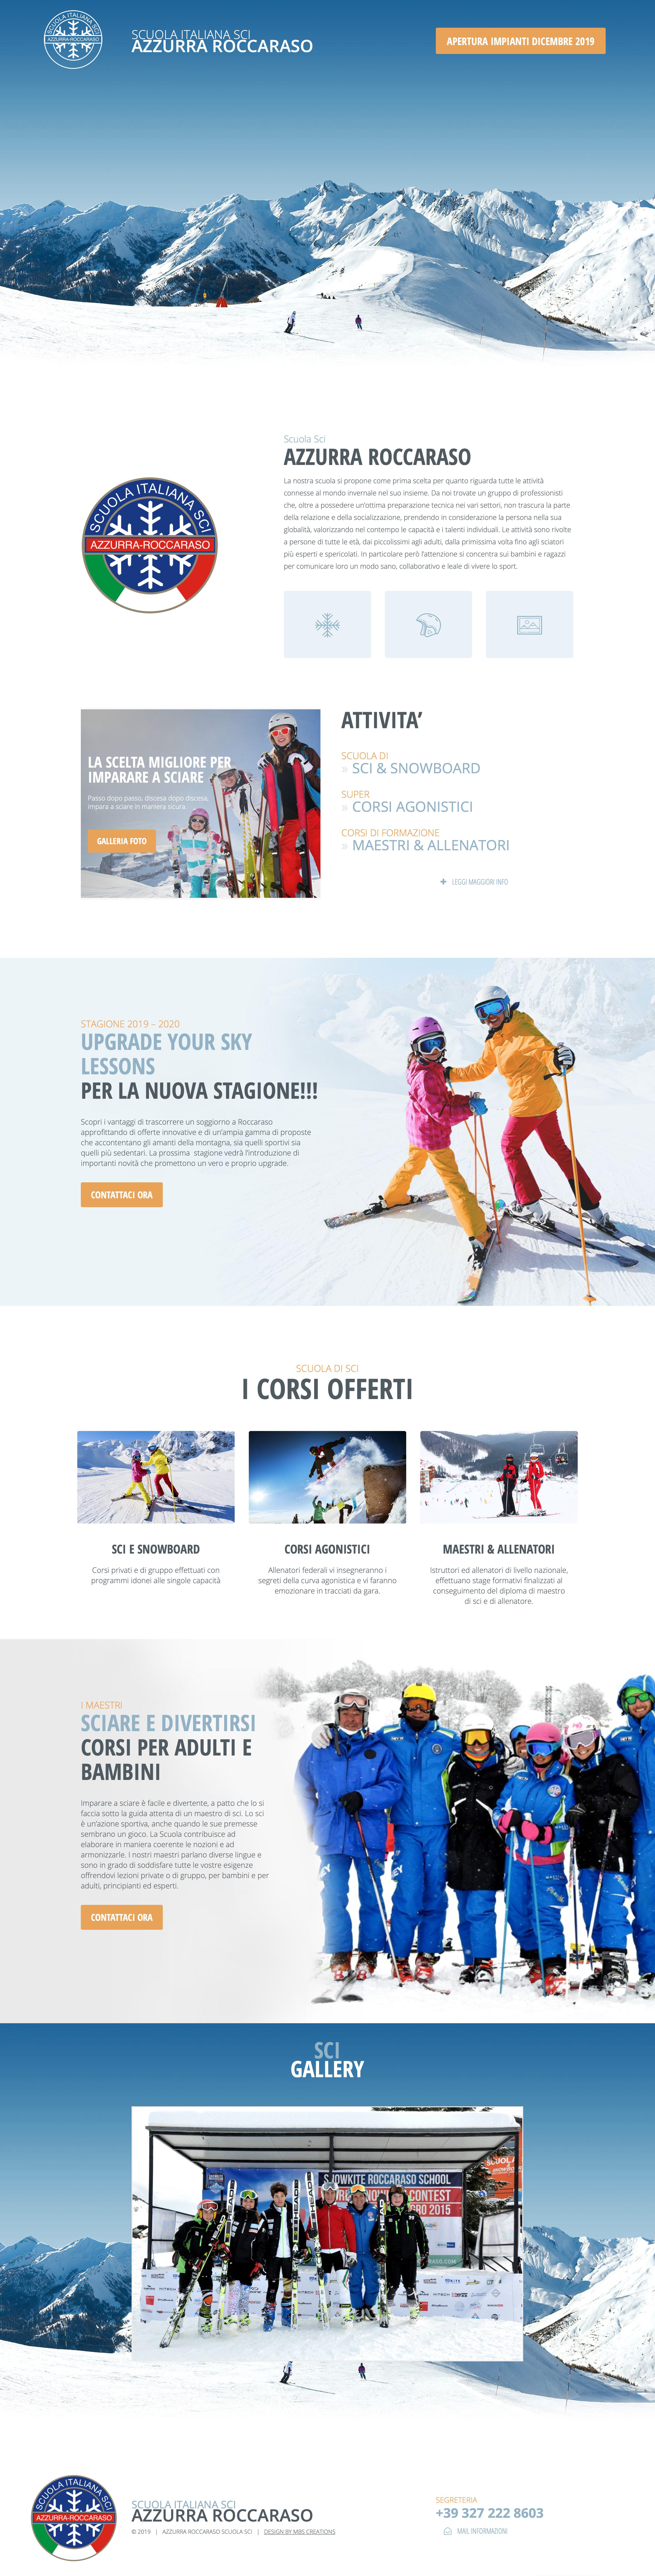 Imparare a sciare a Roccaraso